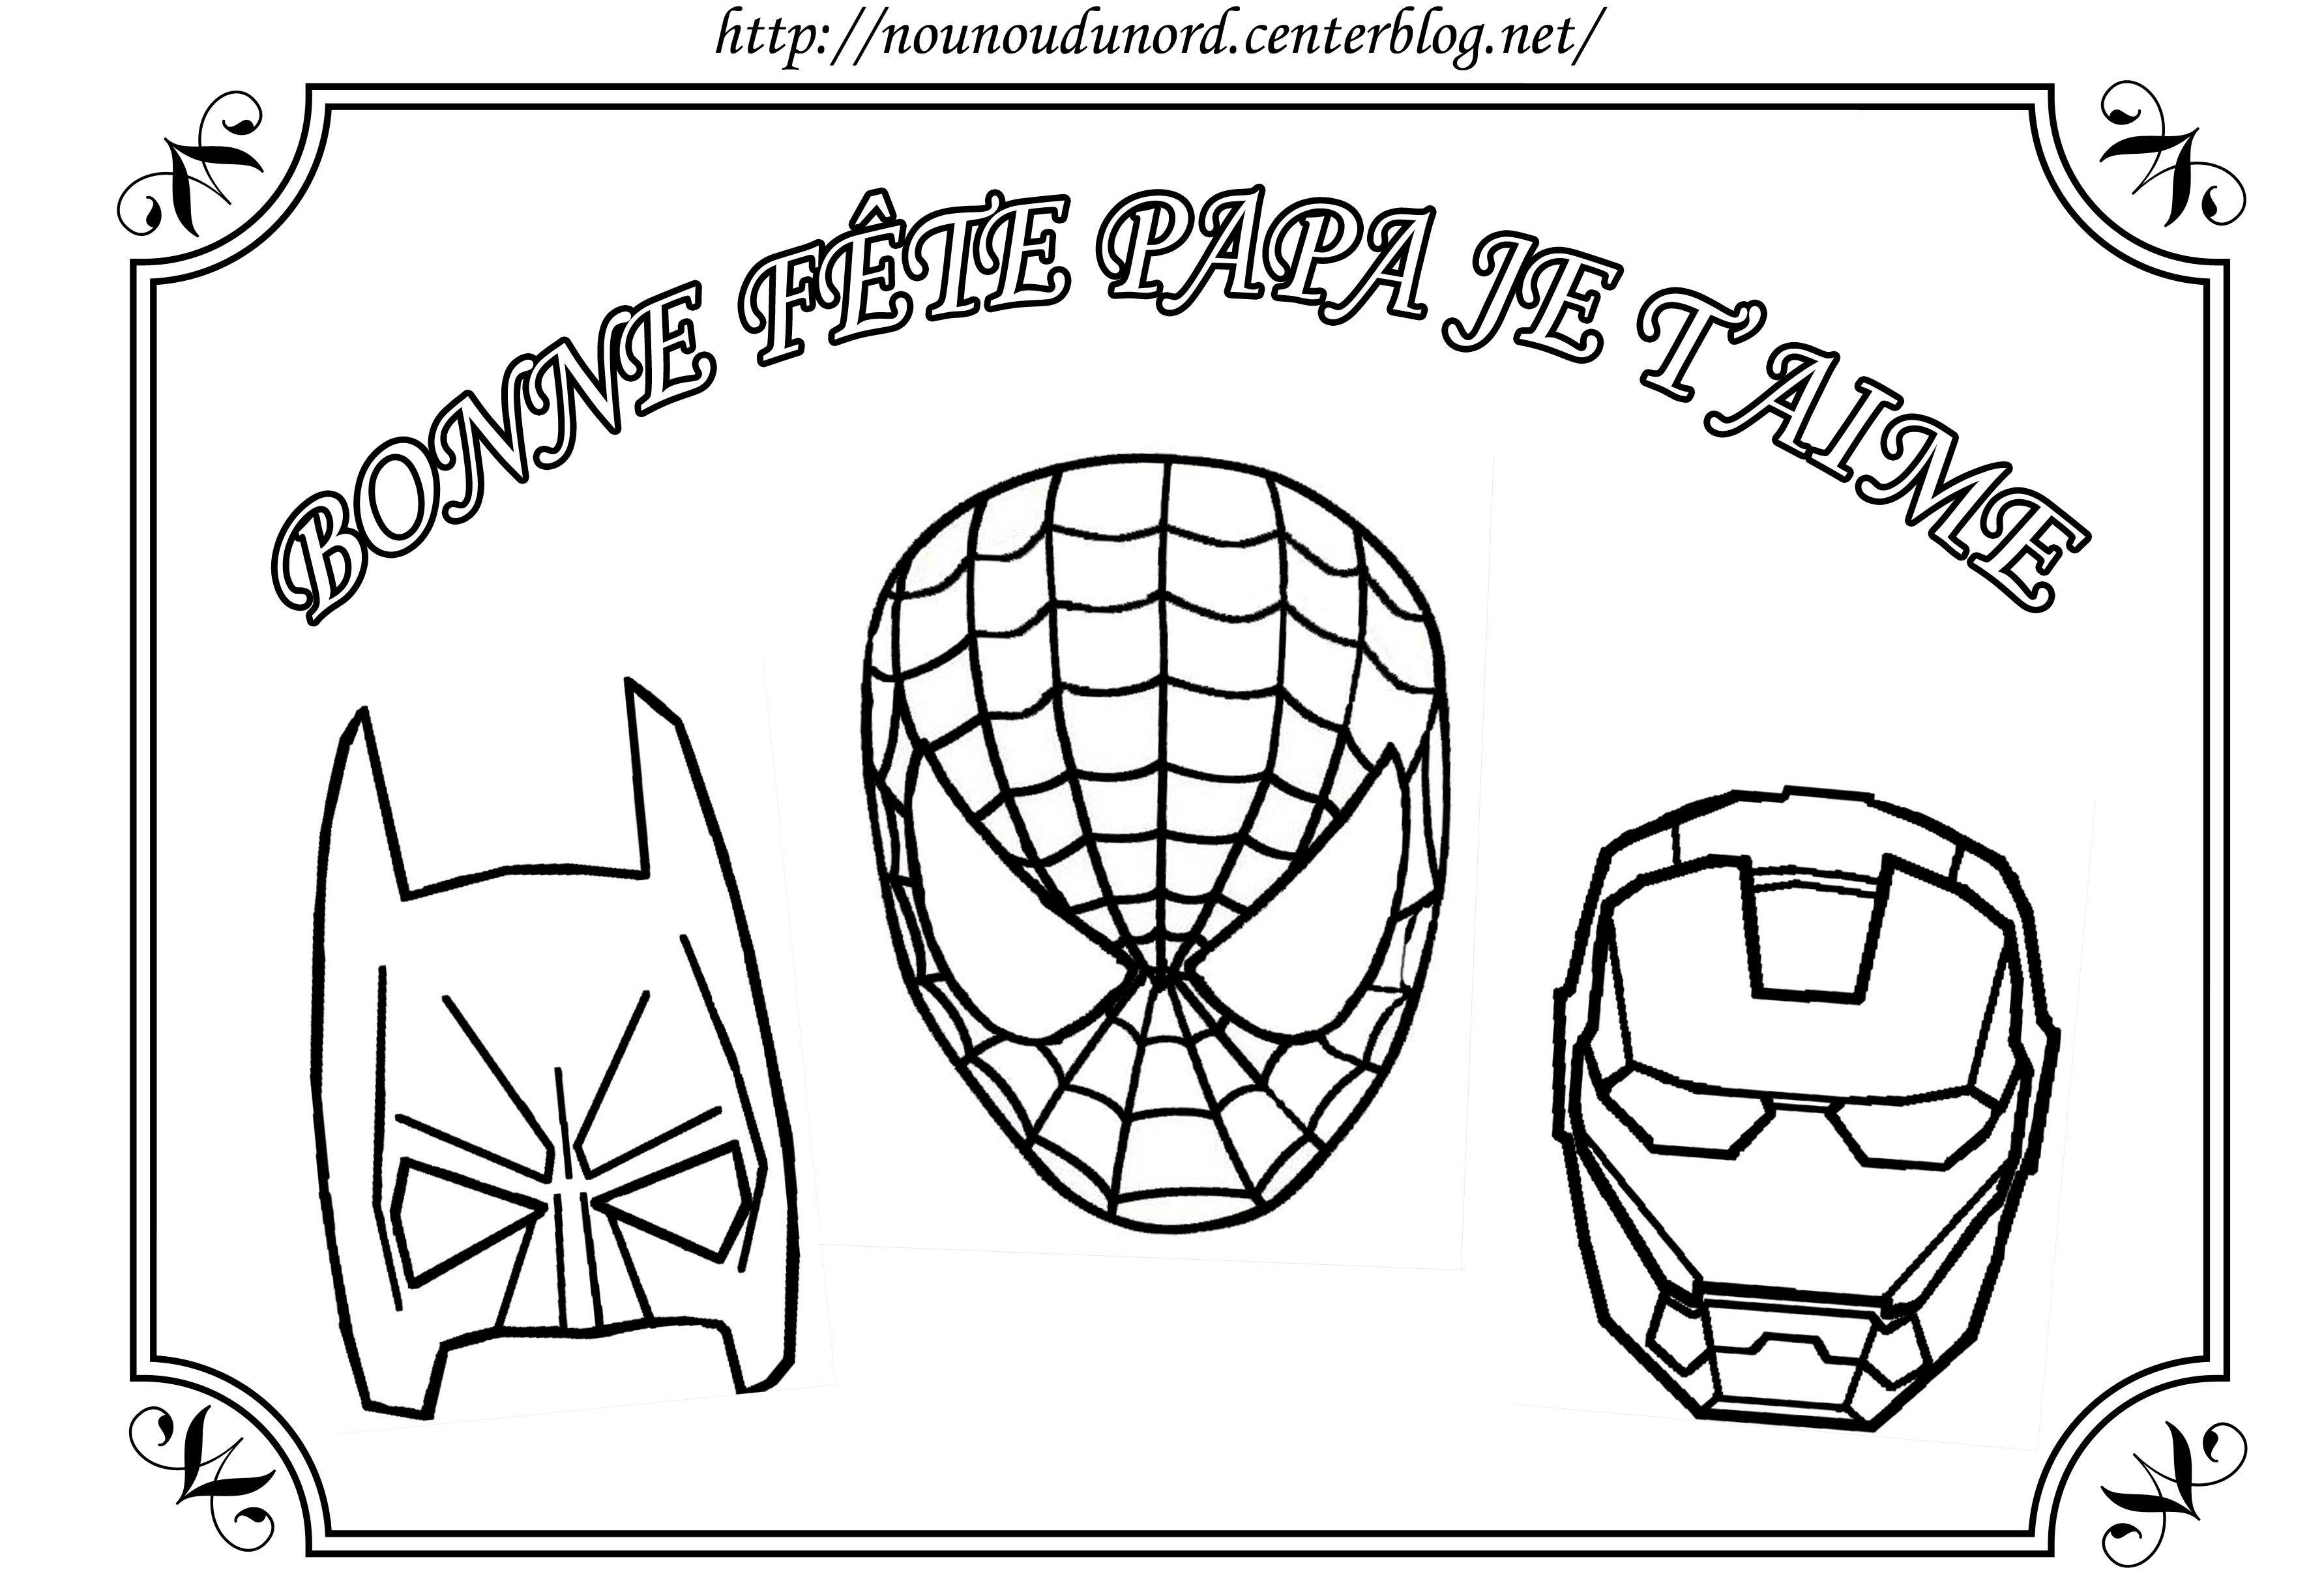 9 Magnifique Coloriage Spiderman En Ligne Photograph Coloriage Spiderman Coloriage Batman Coloriage